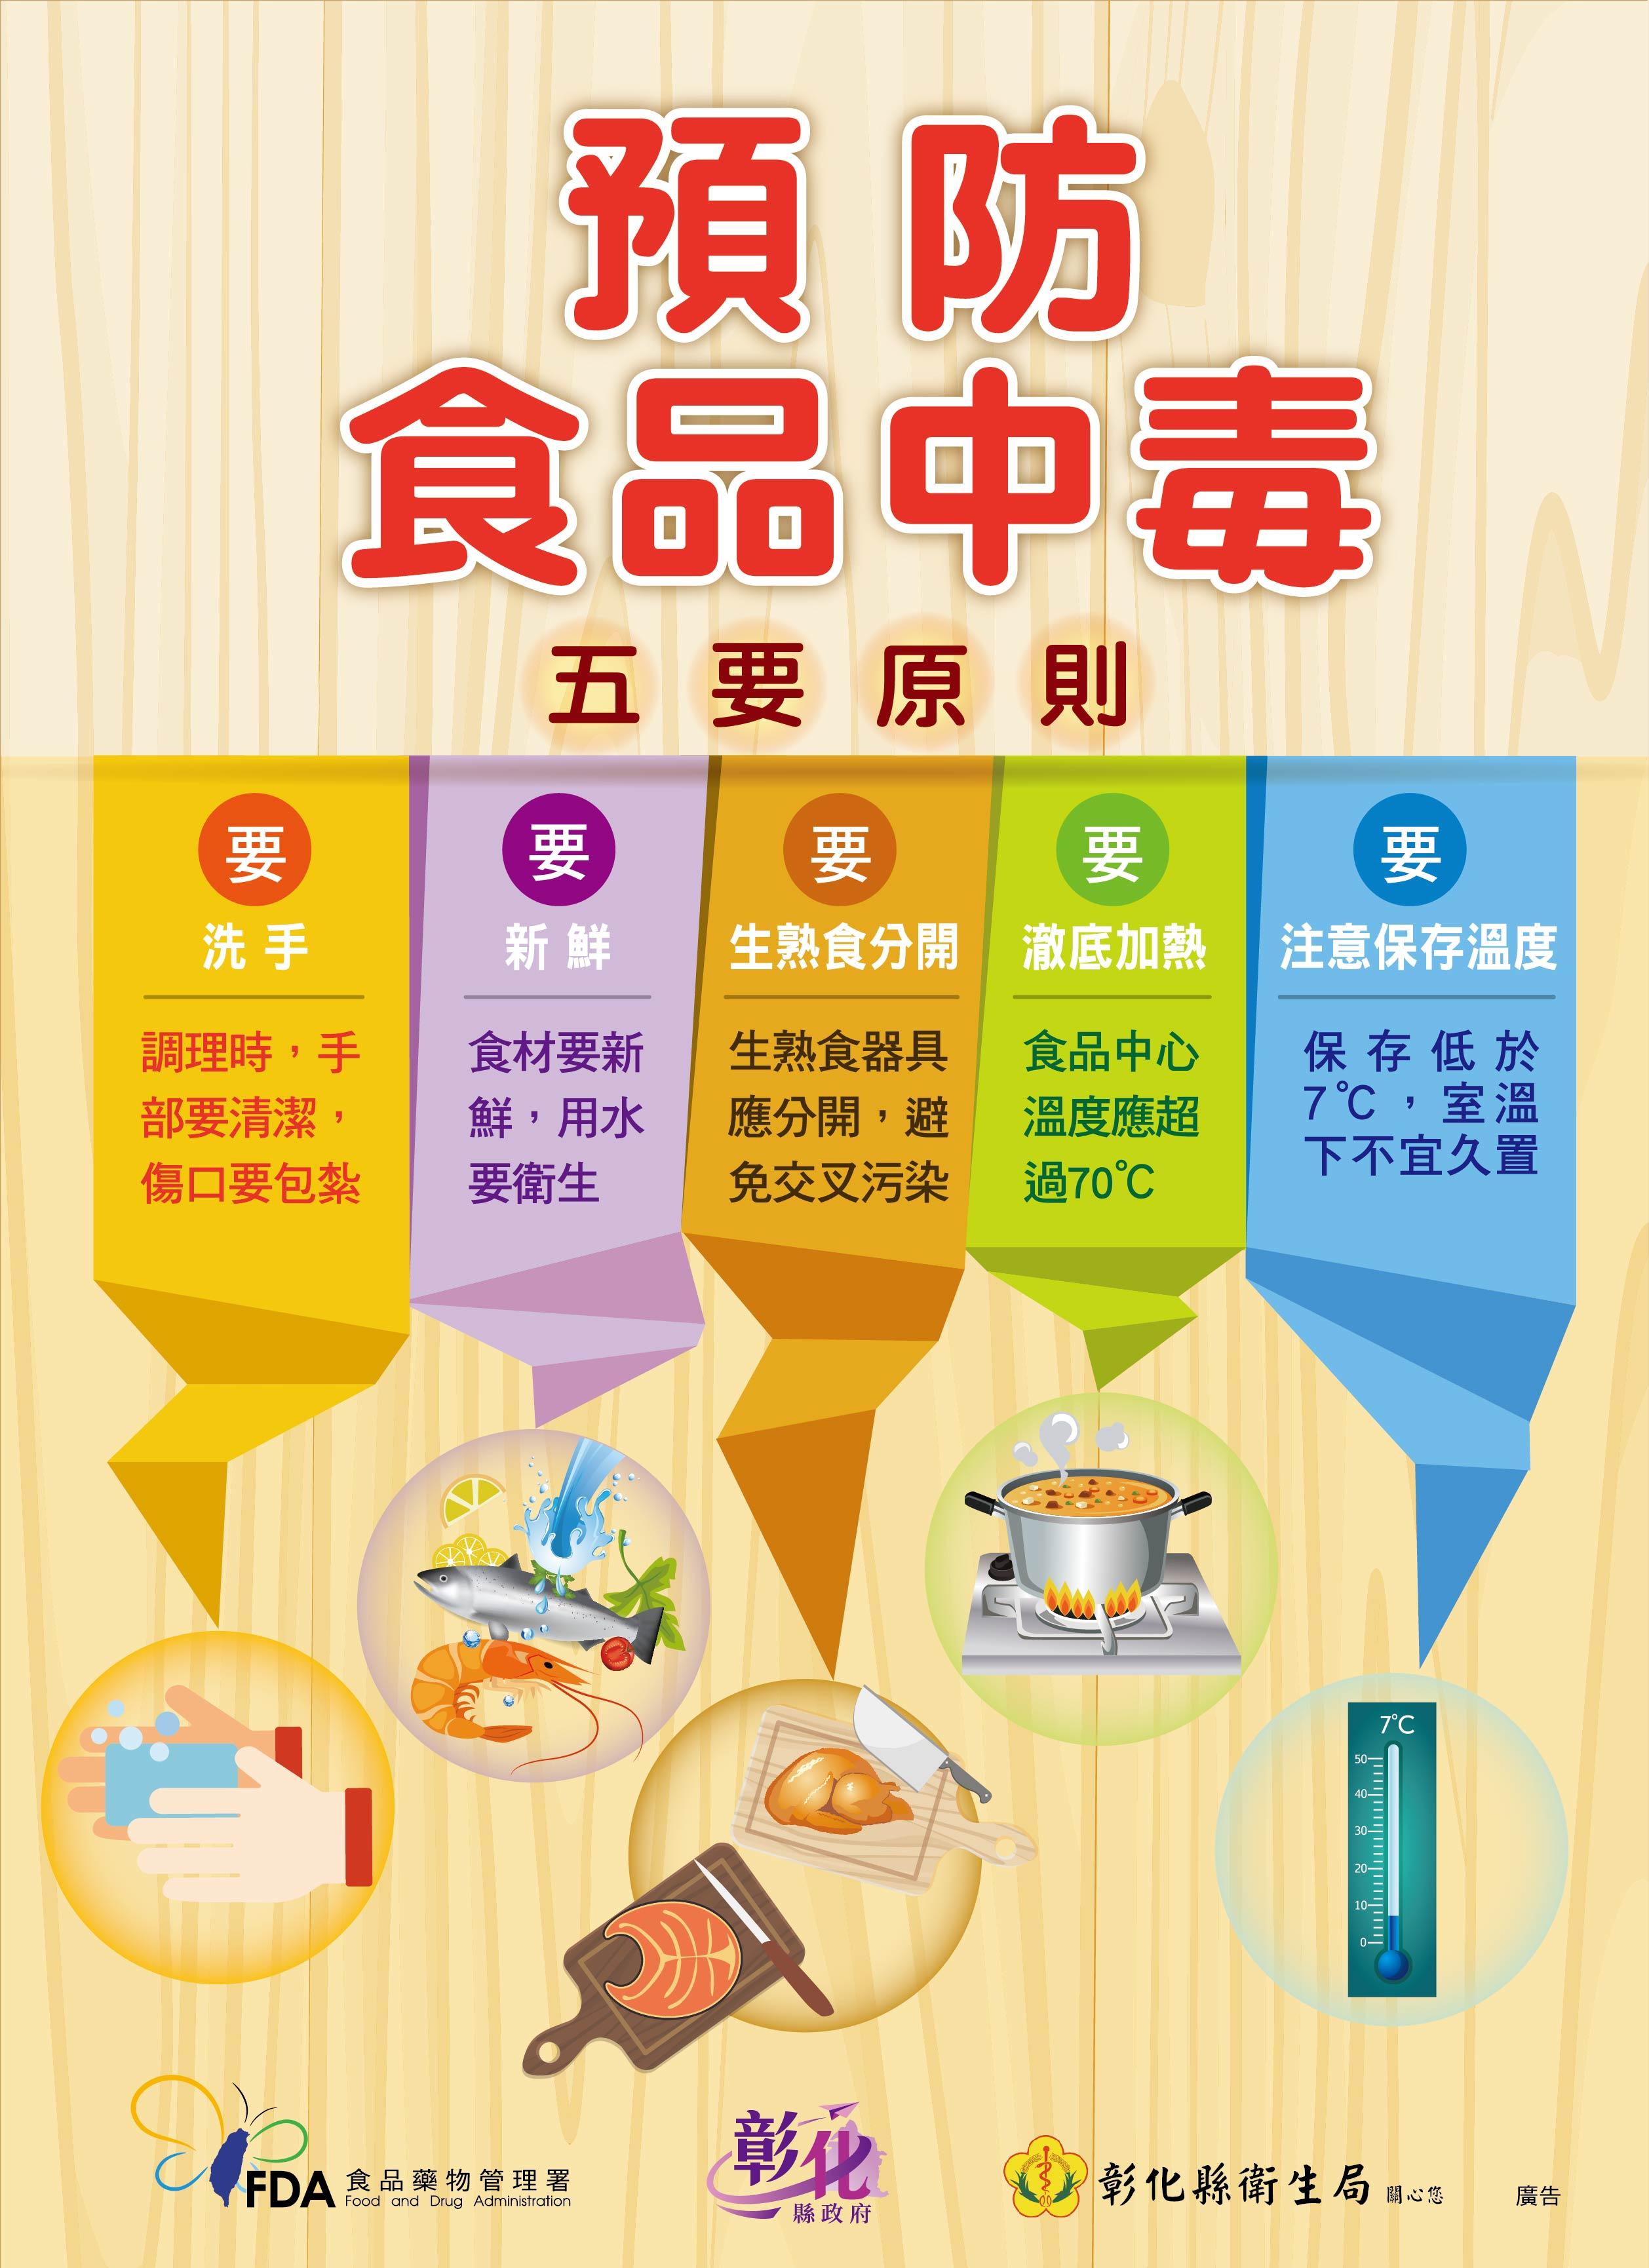 颱風期間請注意飲食及環境衛生